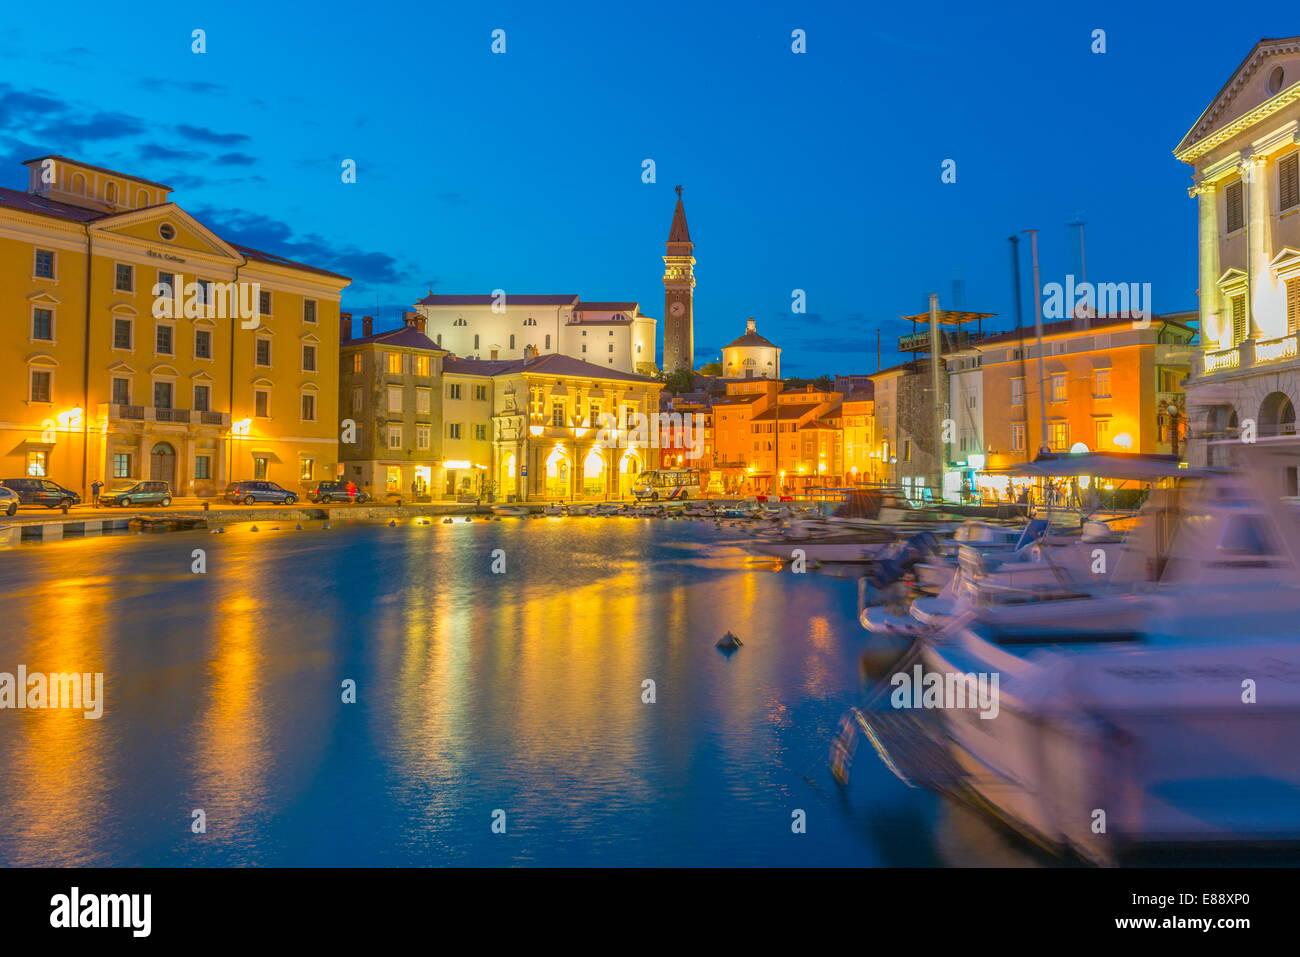 Old Town Harbour, Church of St. George (Cerkev sv. Jurija) in background, Piran, Primorska, Slovenian Istria, Slovenia, - Stock Image